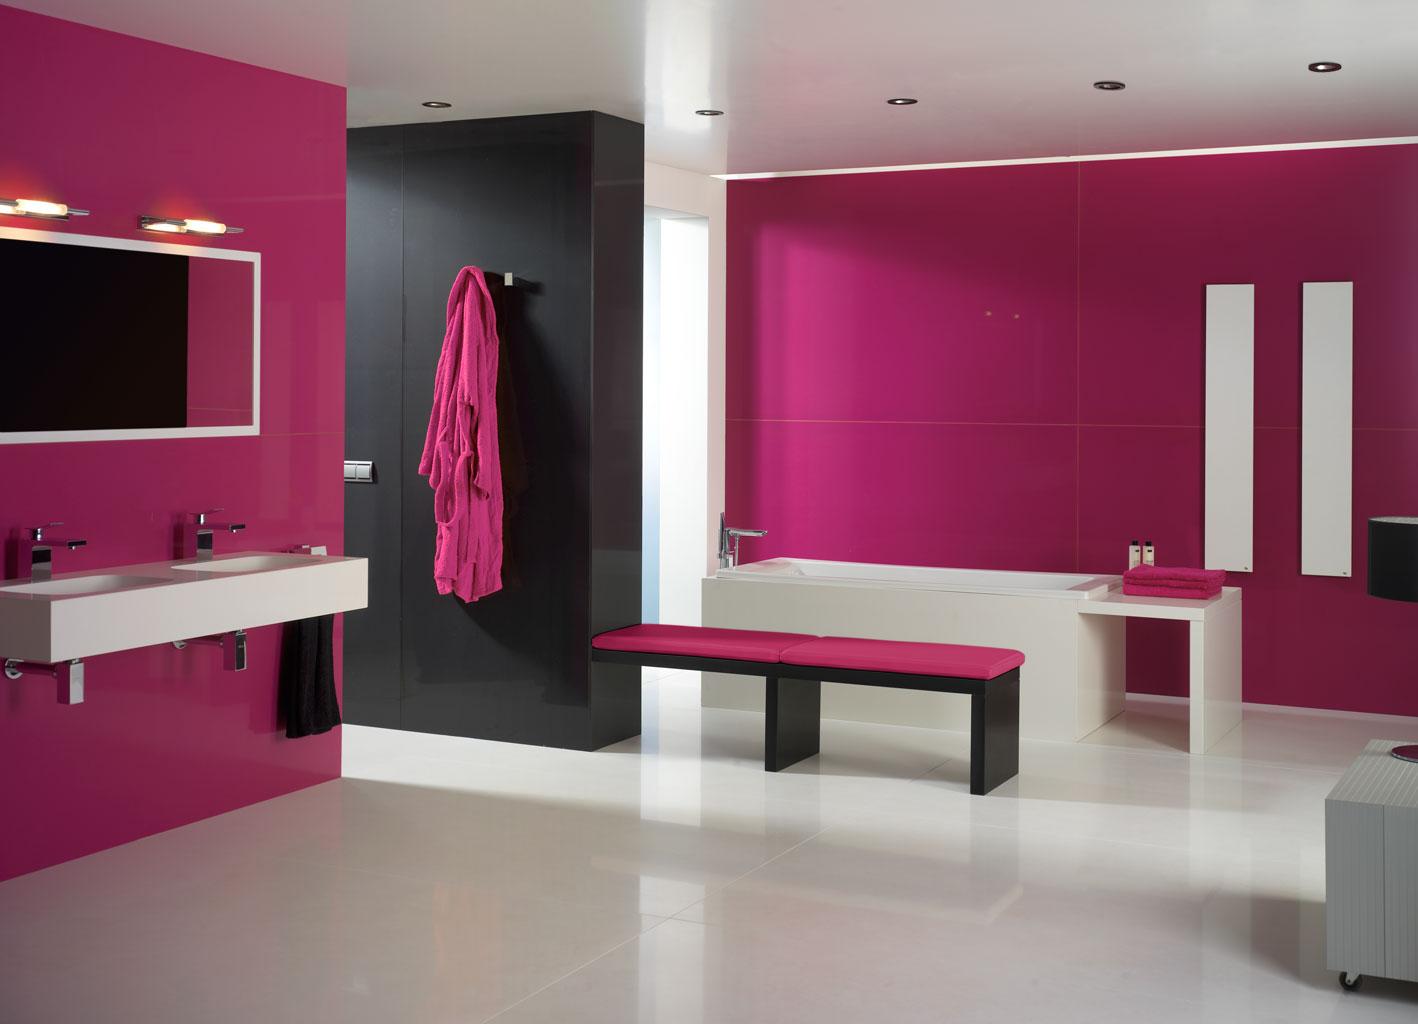 Diseno De Baños Para Fincas: de que es un baño de chica Bastante amplio, para una sola persona se